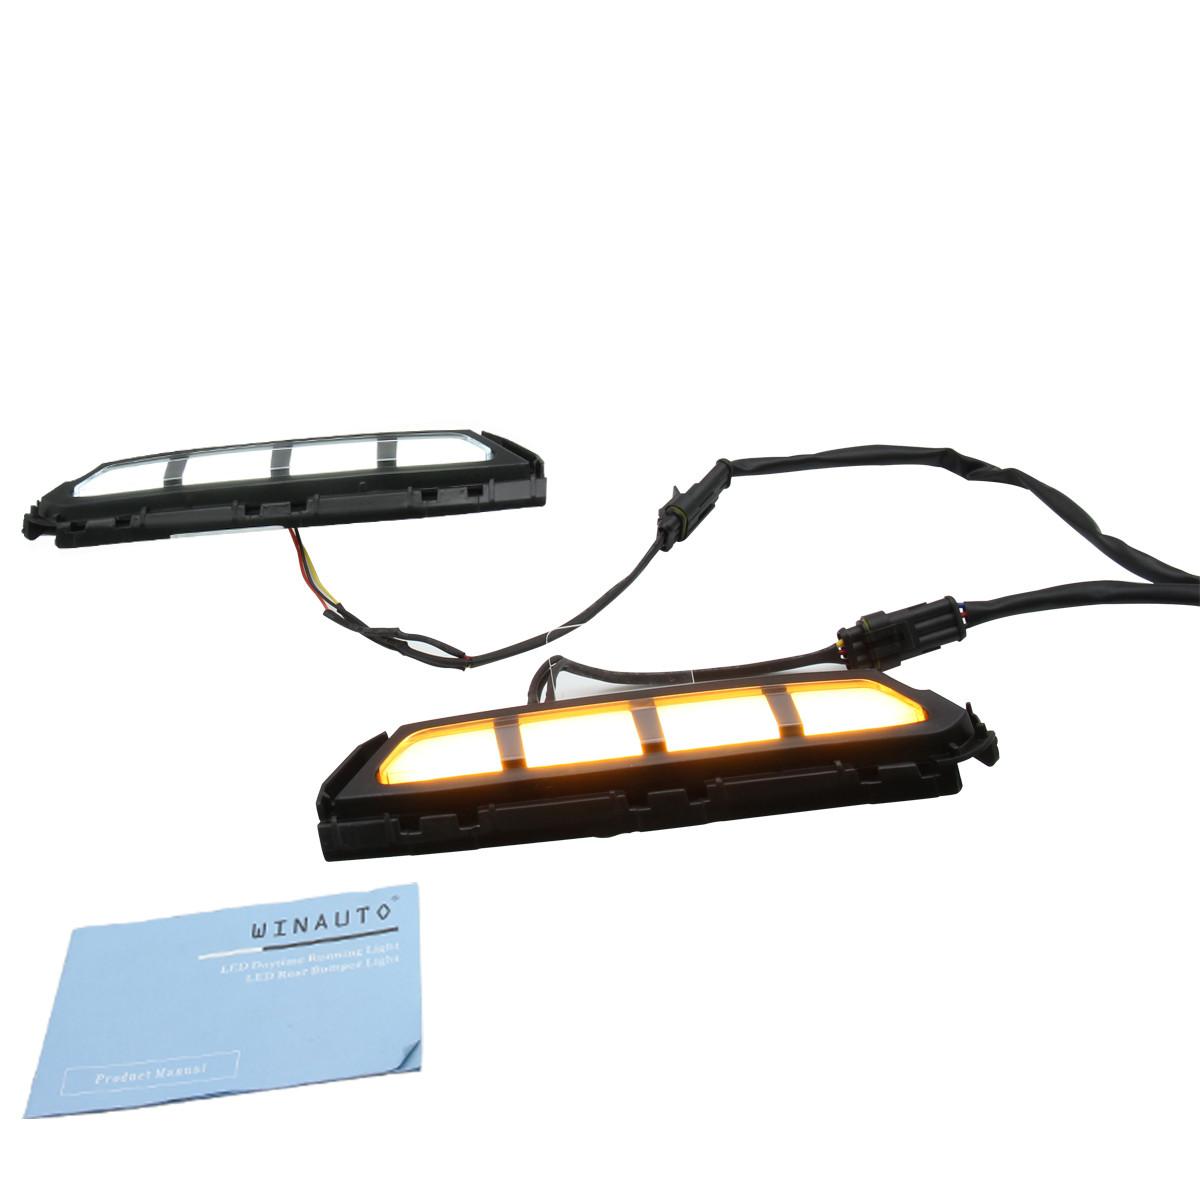 12V LED Driving light  LED Daytime Running Light  For Hyundai Elantra  2019 With best design